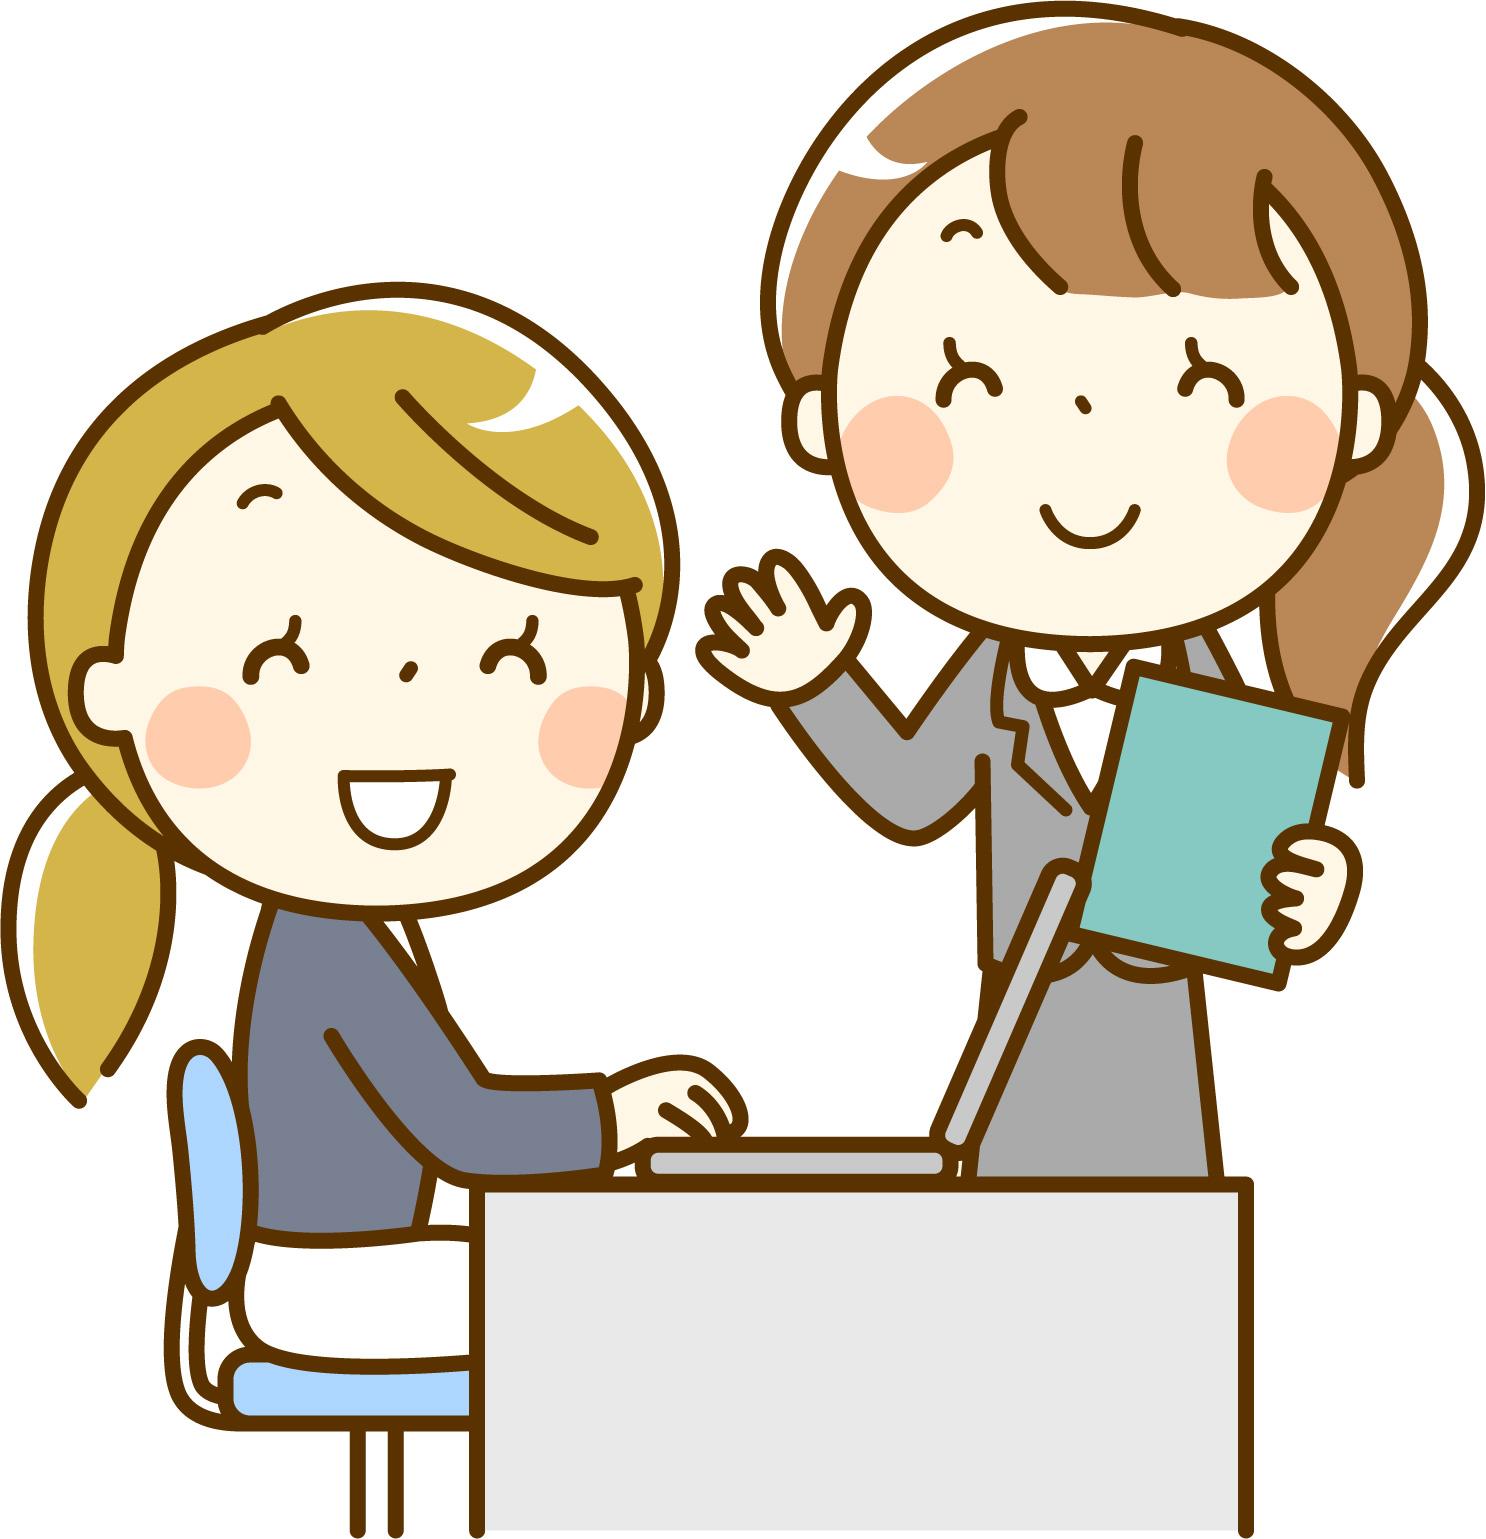 【神戸市】税理士補助パートのお仕事です!【貿易センター駅近】